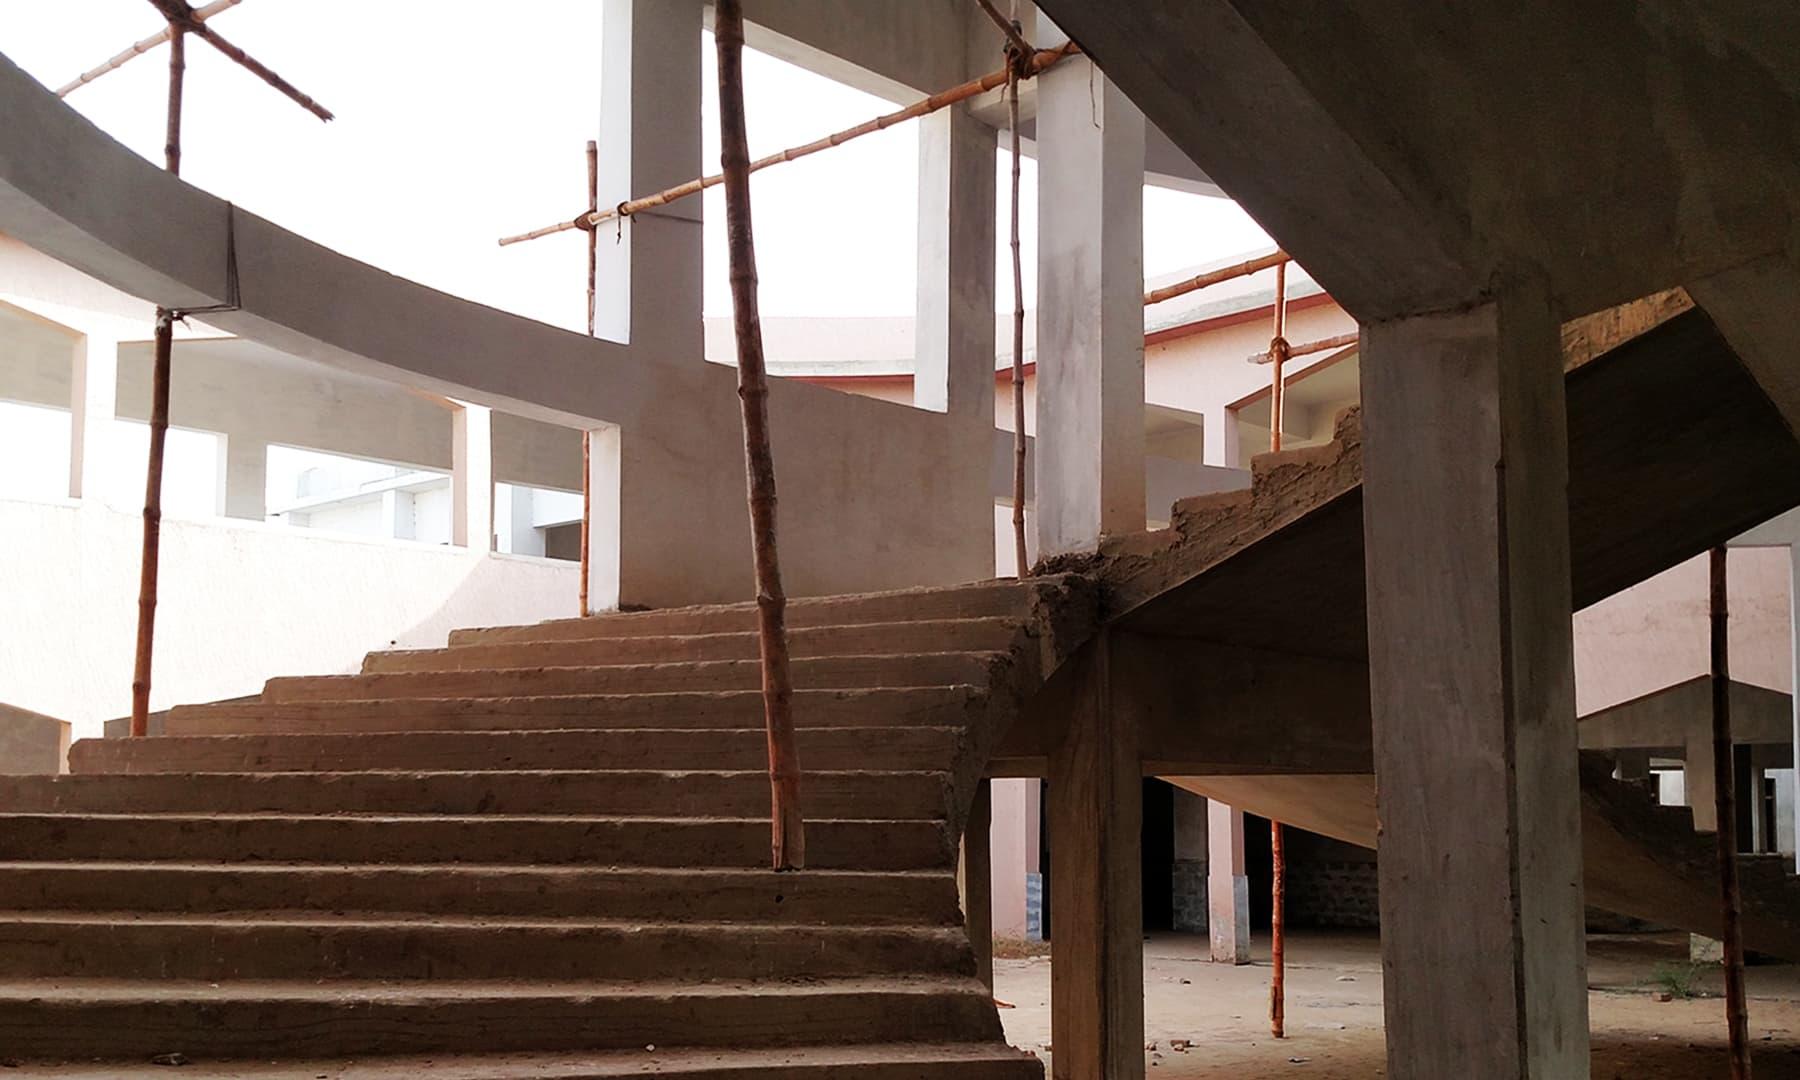 نئے تعمیر شدہ حصے کو سہارا دینے کے لیے لگائے گئے بانس۔— بلال کریم مغل